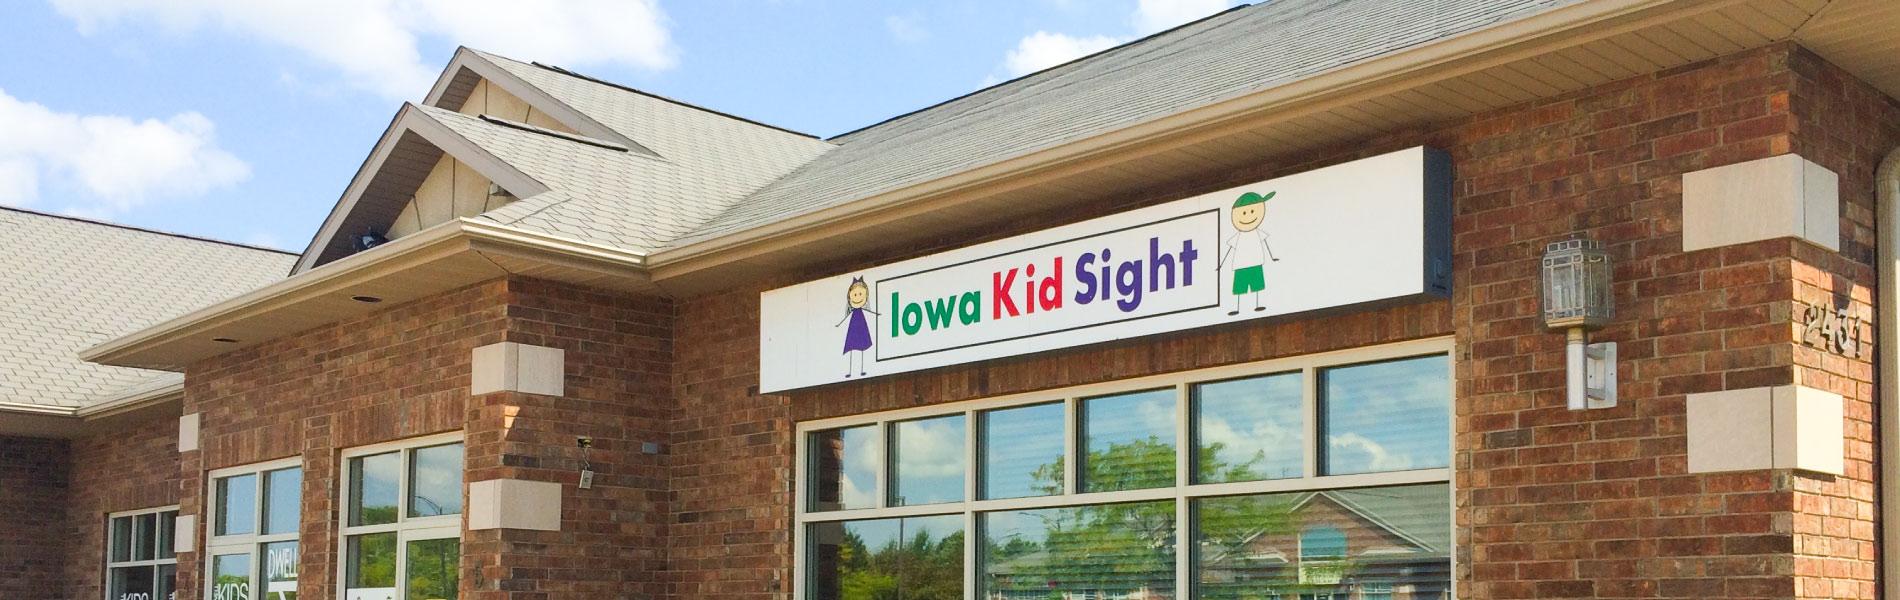 Iowa KidSight